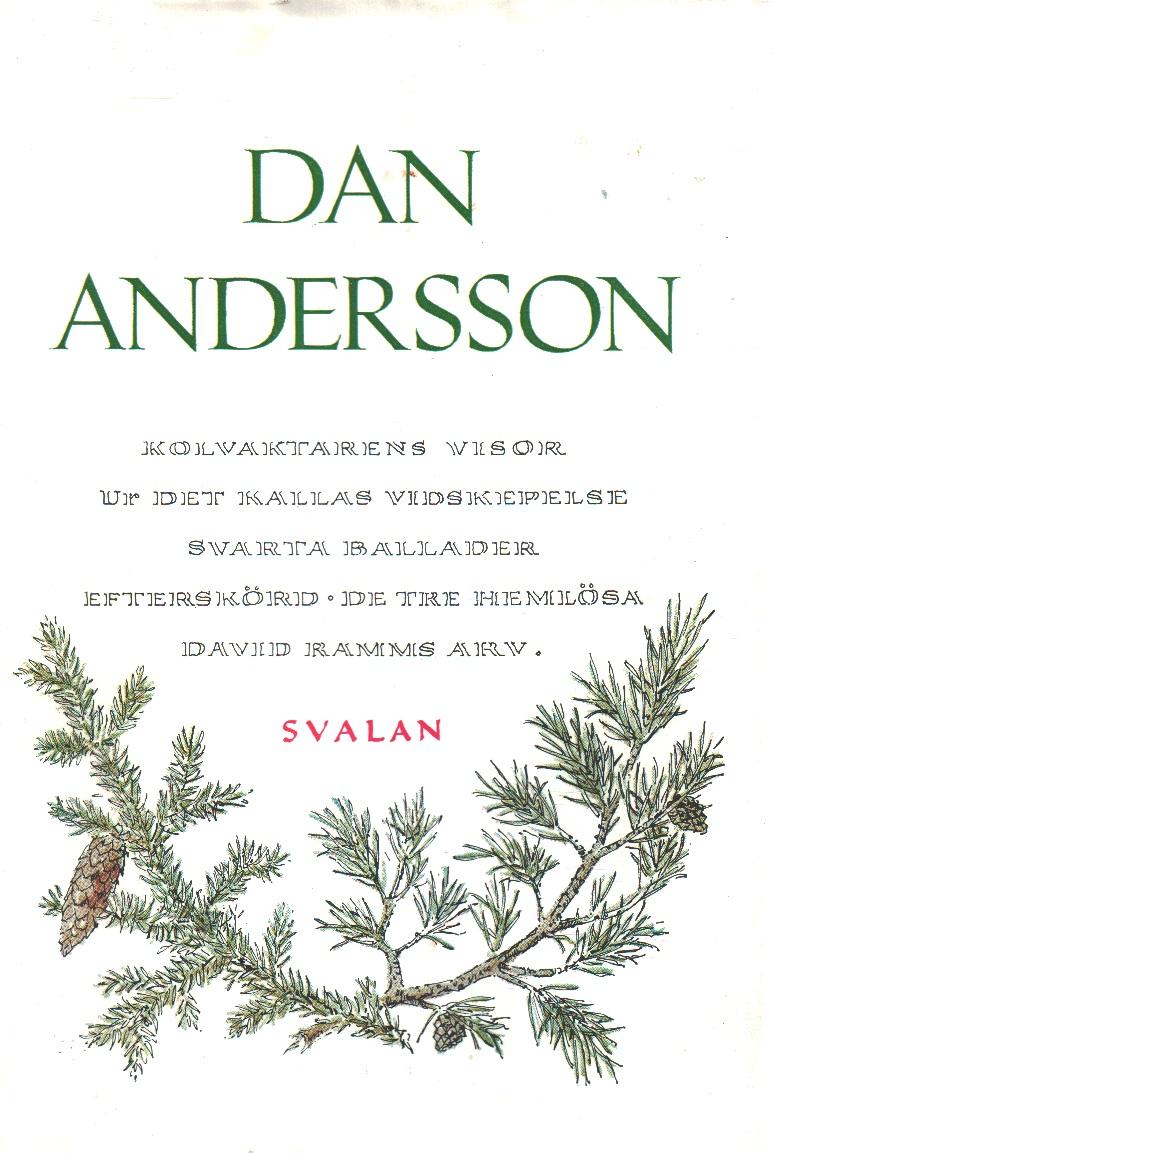 Kolvaktarens visor ; Ur Det kallas vidskepelse ; Svarta ballader ; Efterskörd ; De tre hemlösa ; David Ramms arv - Andersson, Dan